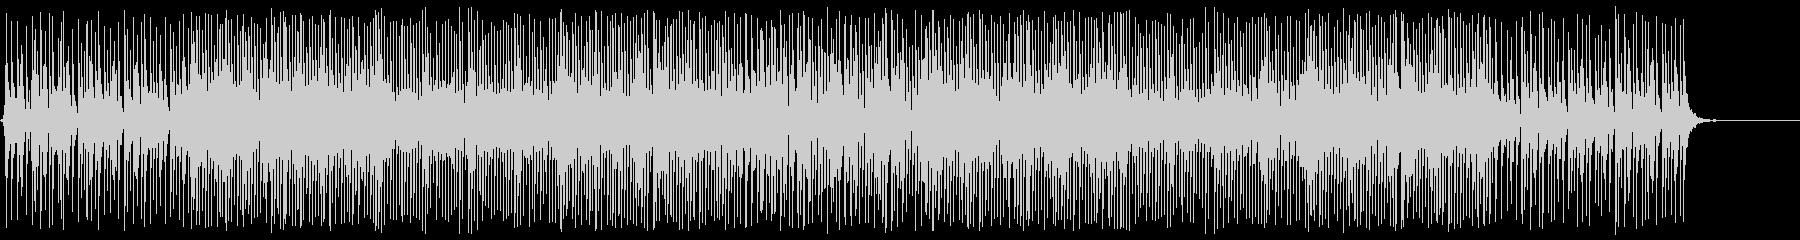 三味線のアップテンポでクールなシーン向けの未再生の波形